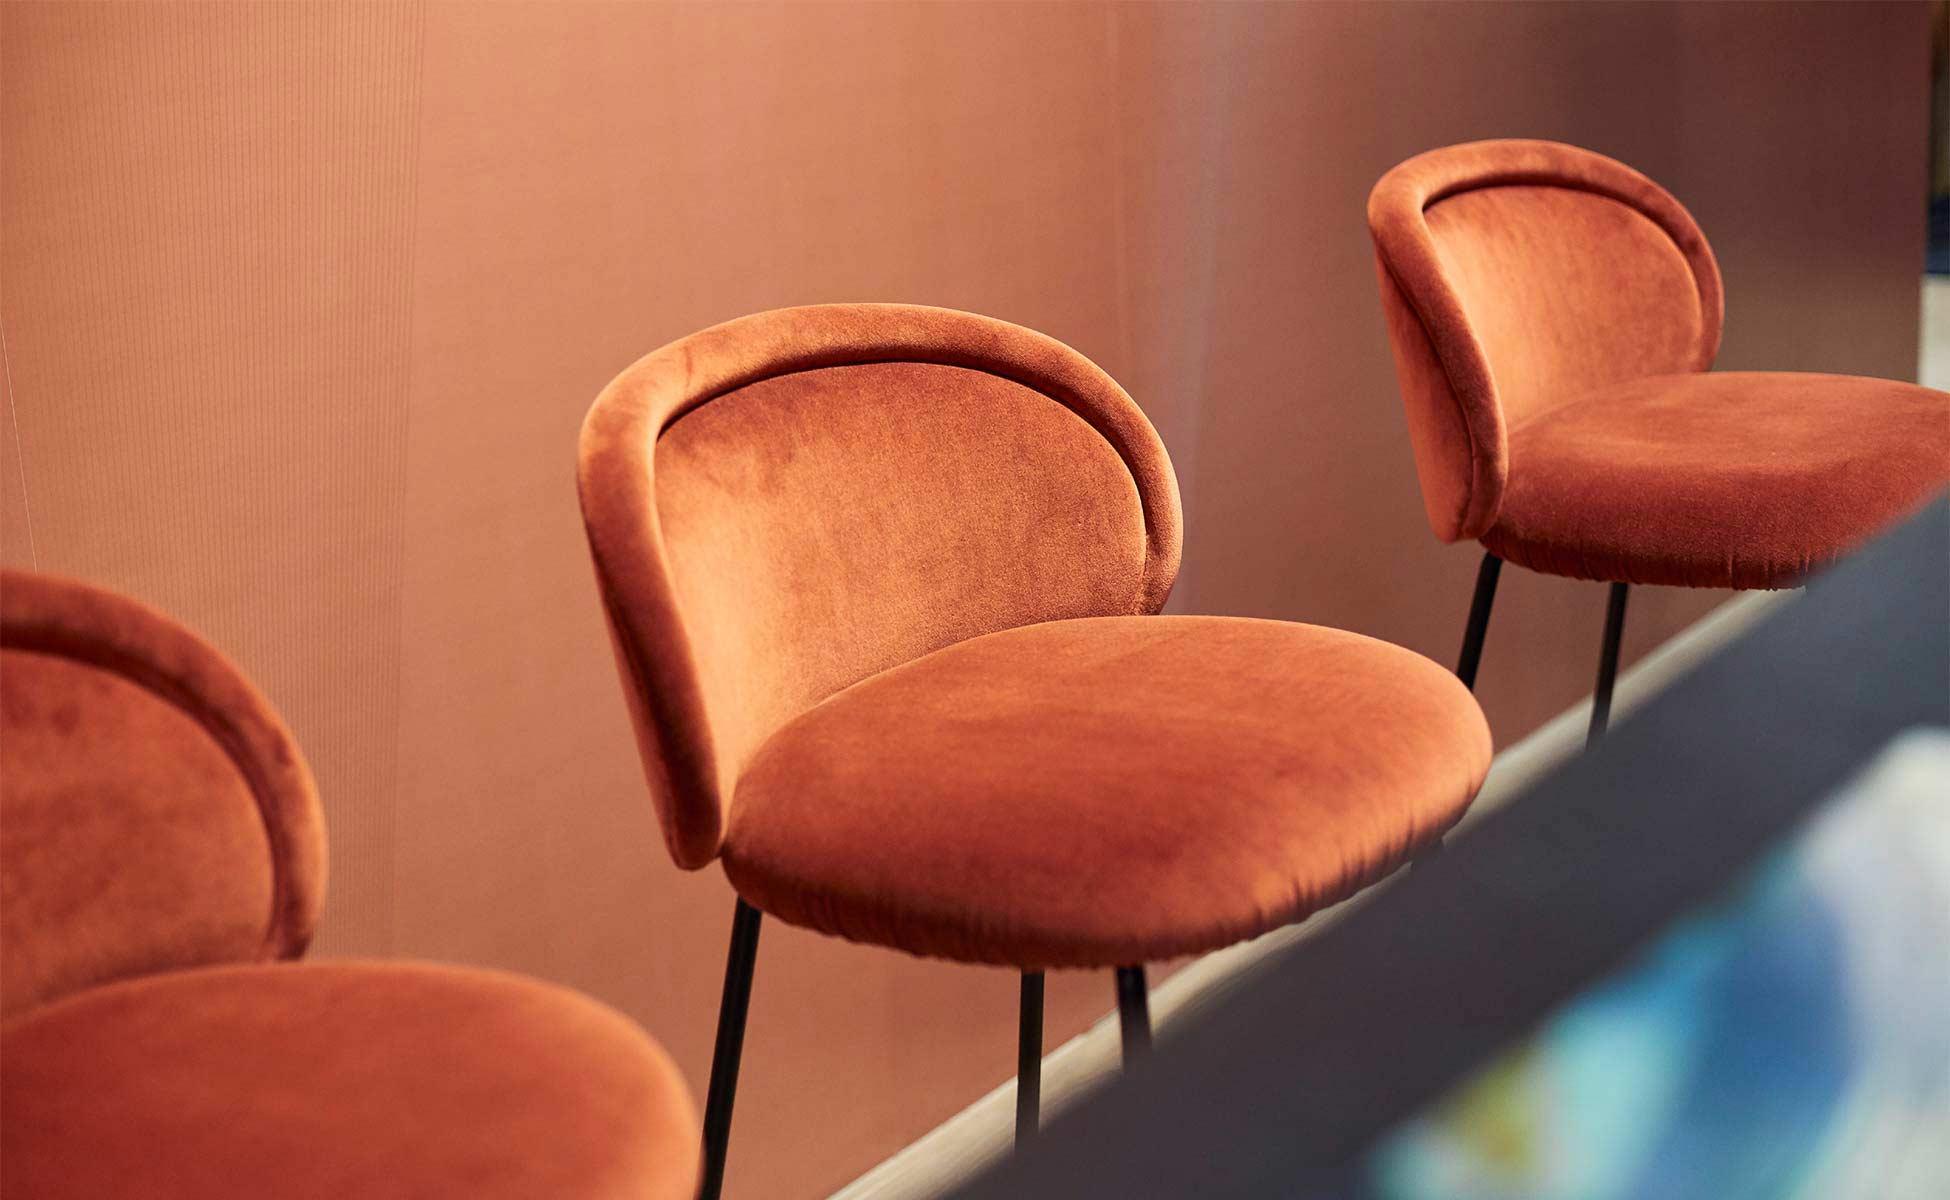 FreiFrau-Ona-Chair-in-Berlin-bei-steidten+